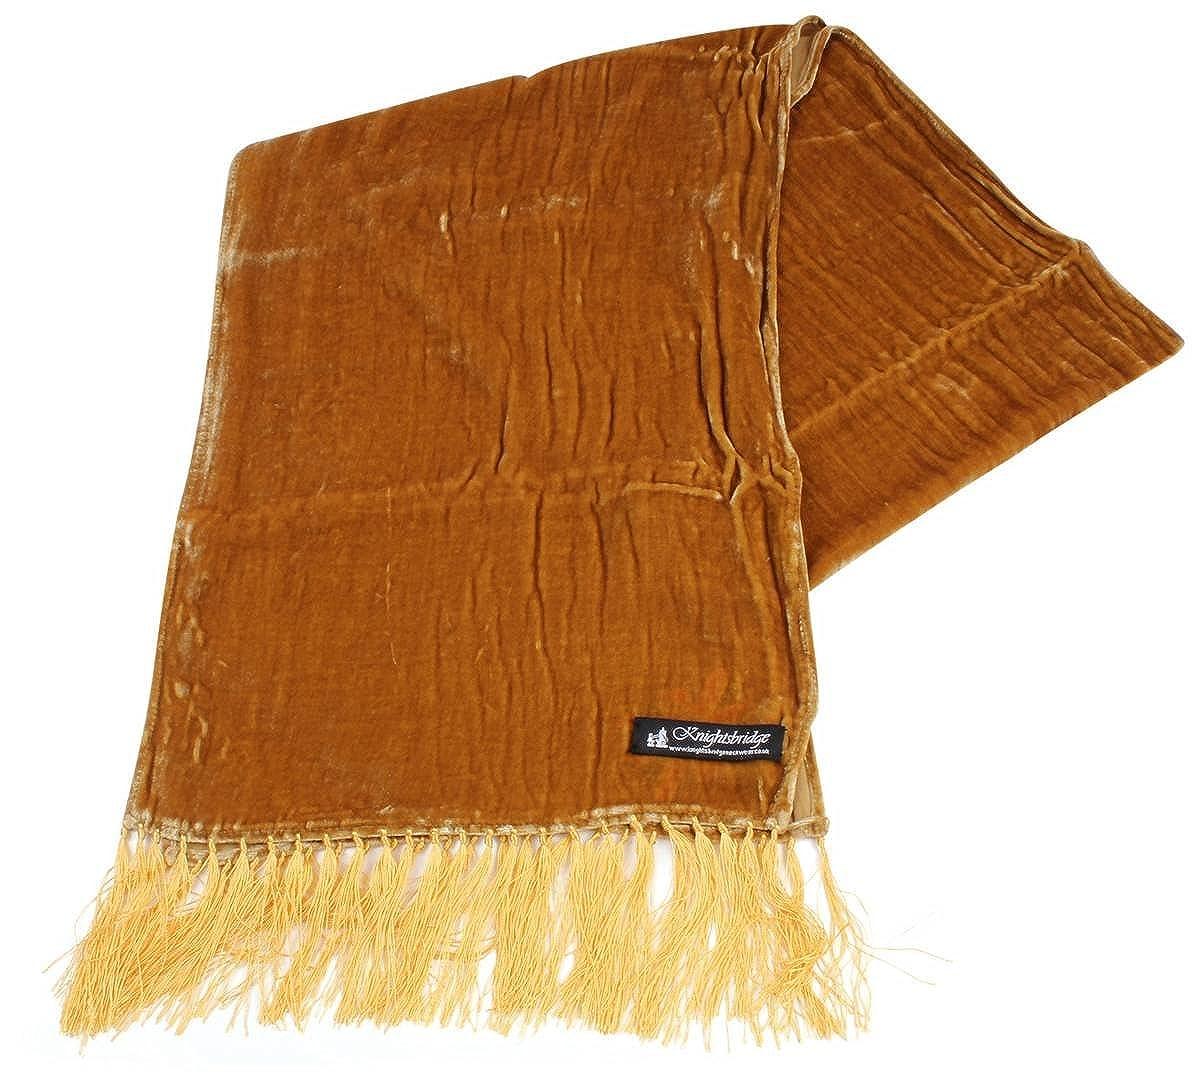 9436fe5d8b69 Knightsbridge Neckwear Mens Velvet Scarf - Gold at Amazon Men's Clothing  store: